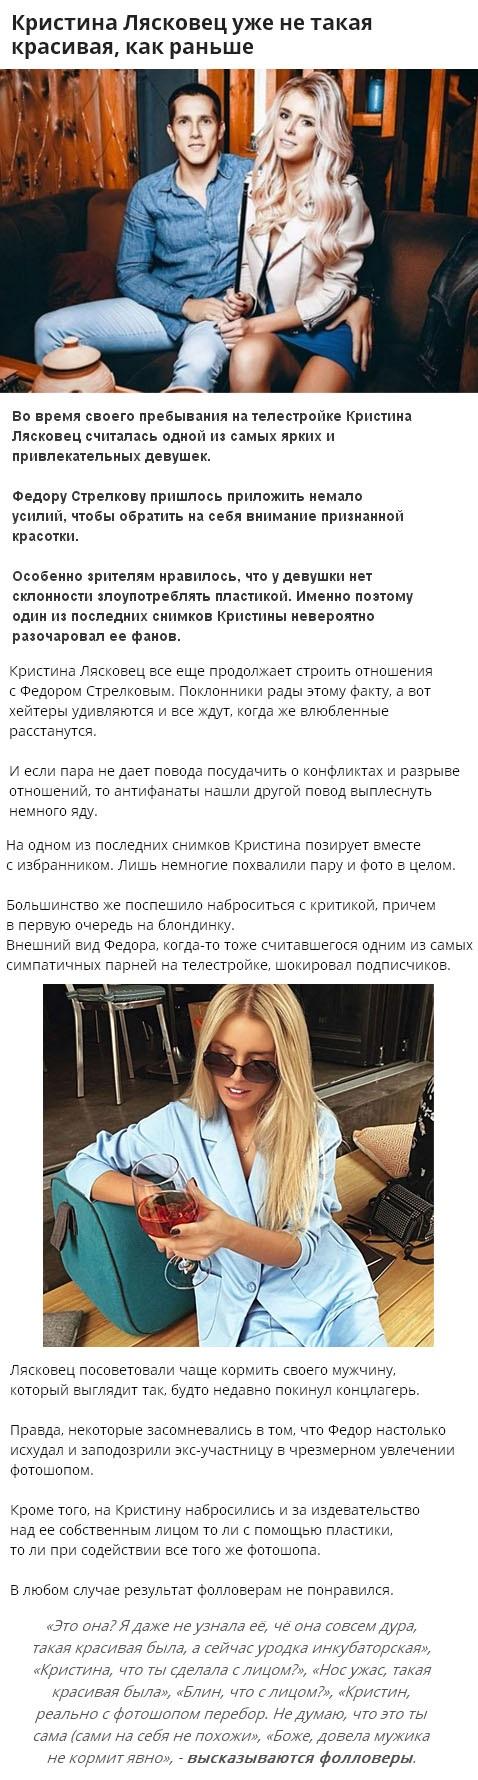 Многих шокировал внешний вид Кристины Лясковец